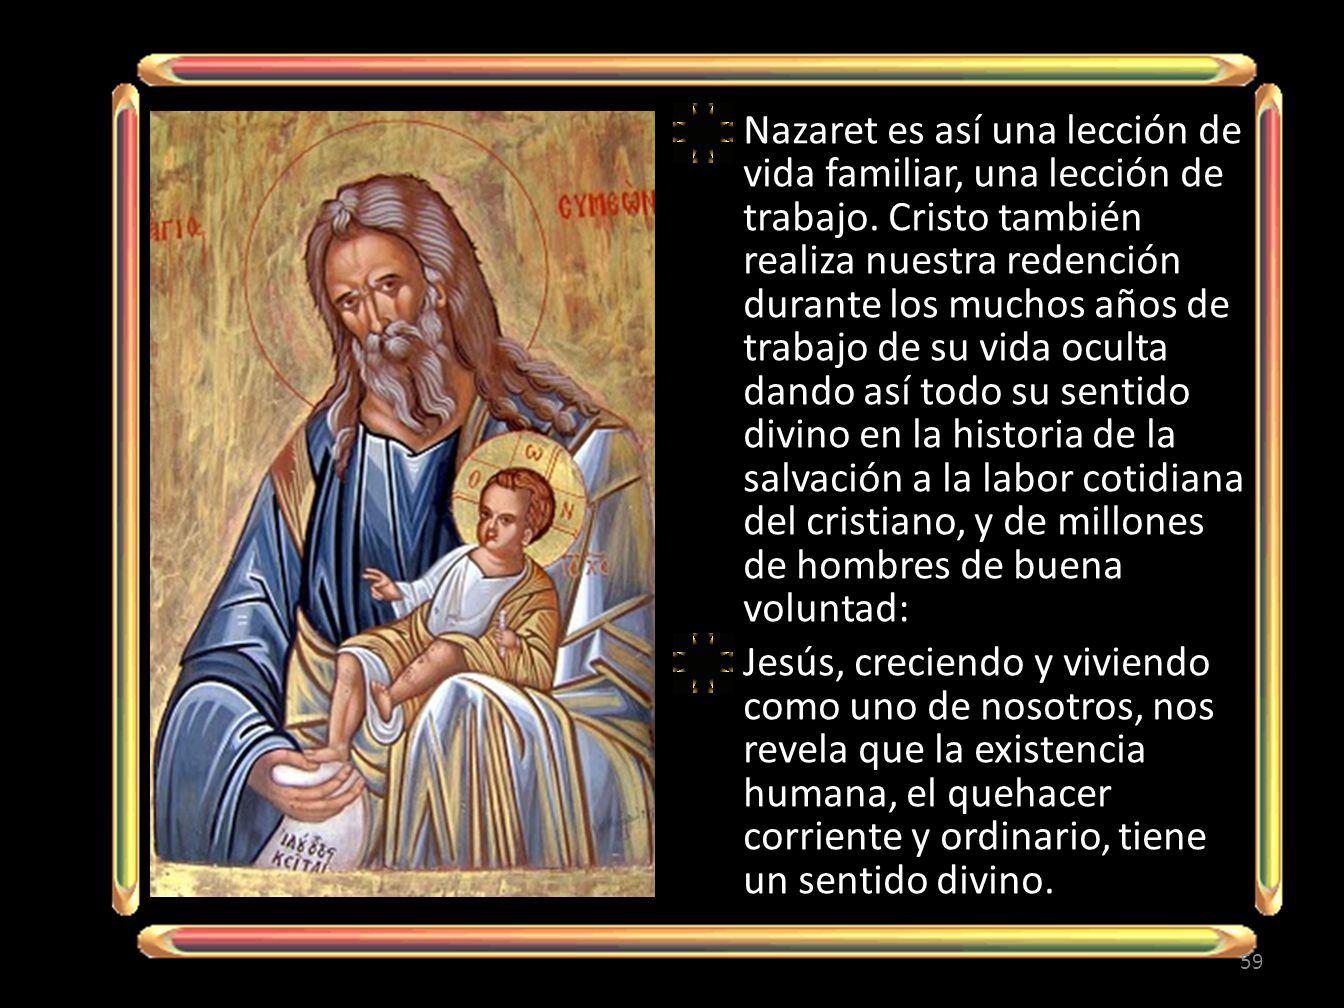 Nazaret es así una lección de vida familiar, una lección de trabajo.